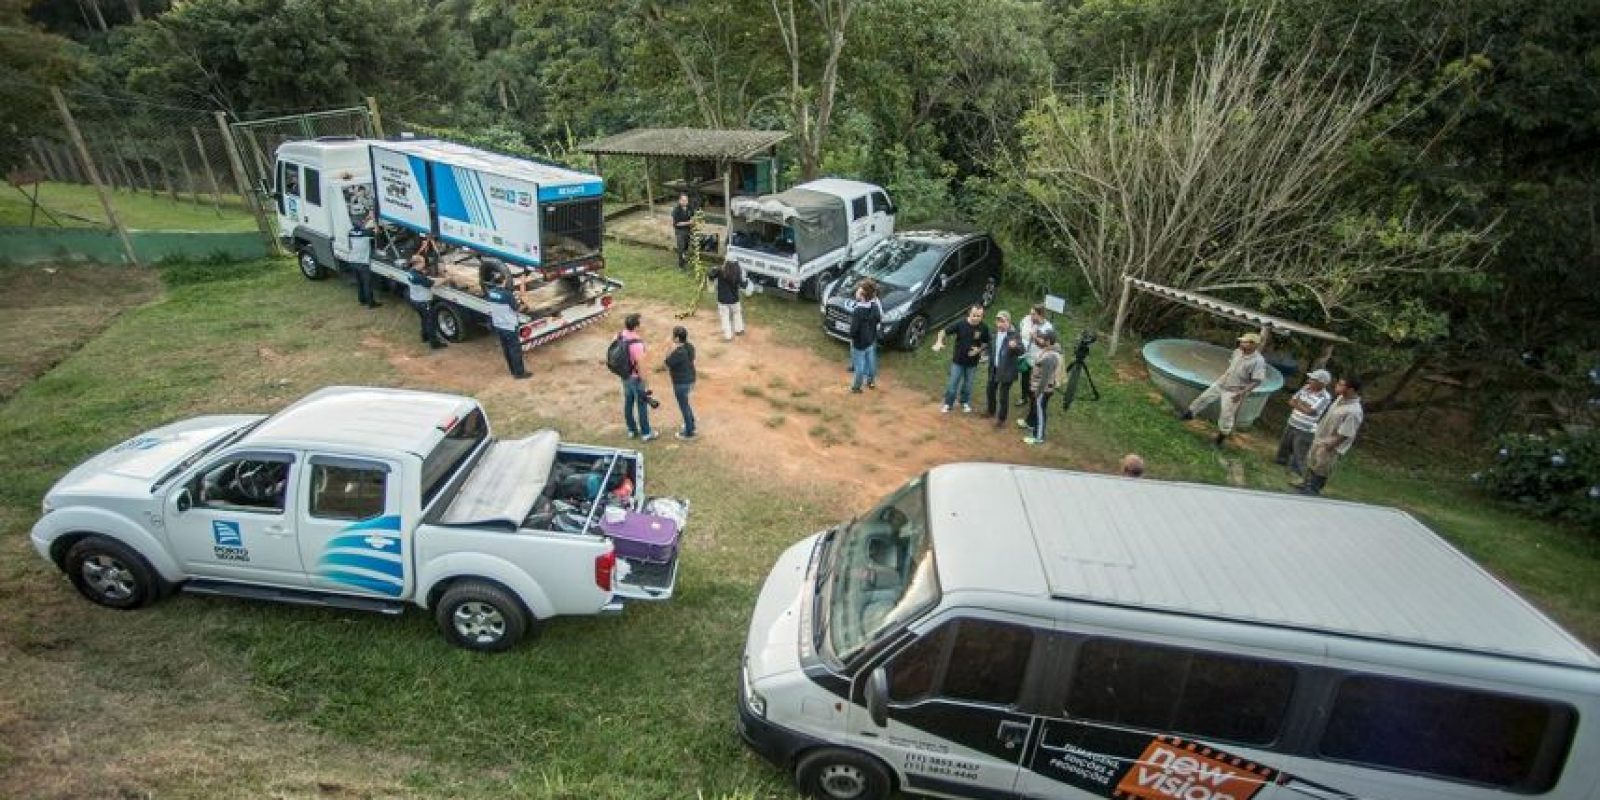 """""""Después de muchas horas de viaje, Raví llegó a Rancho dos Gnomos"""", informó la organización Foto:Facebook.com/RanchoDosGnomos"""